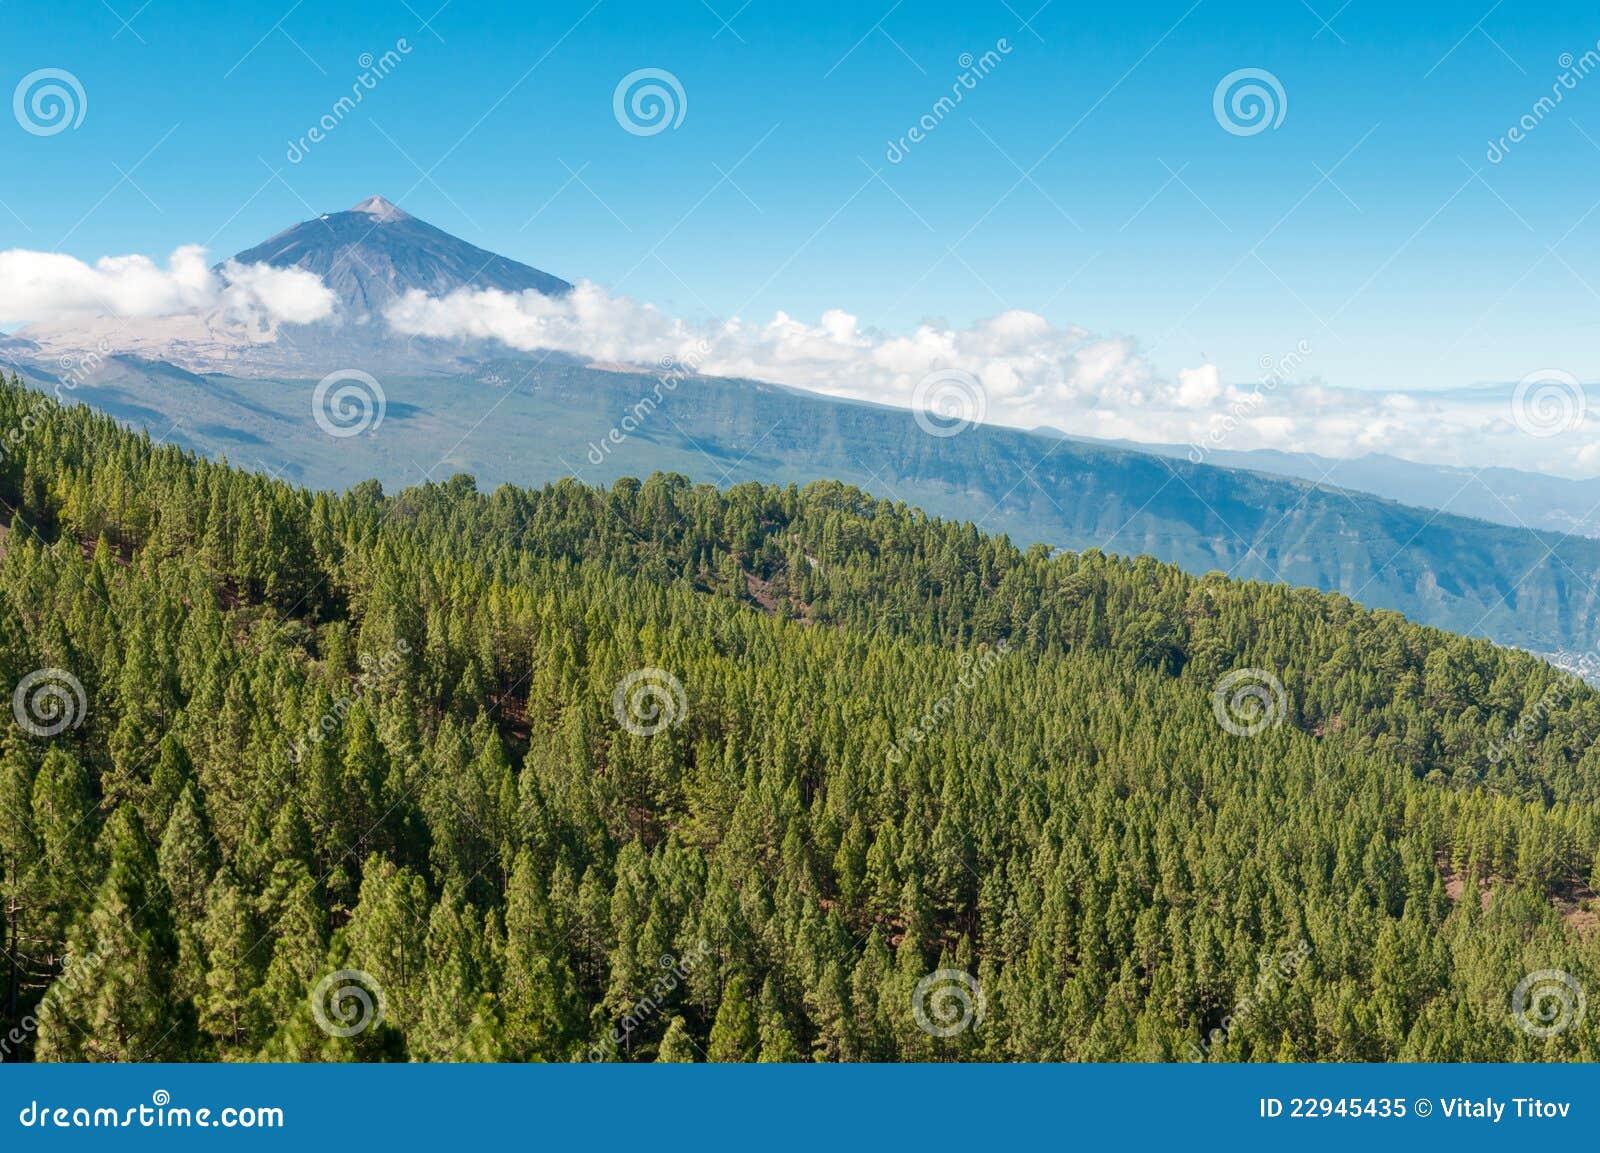 Vulkan El Teide Tenerife Spanien Stockbild Bild Von Reise Kante